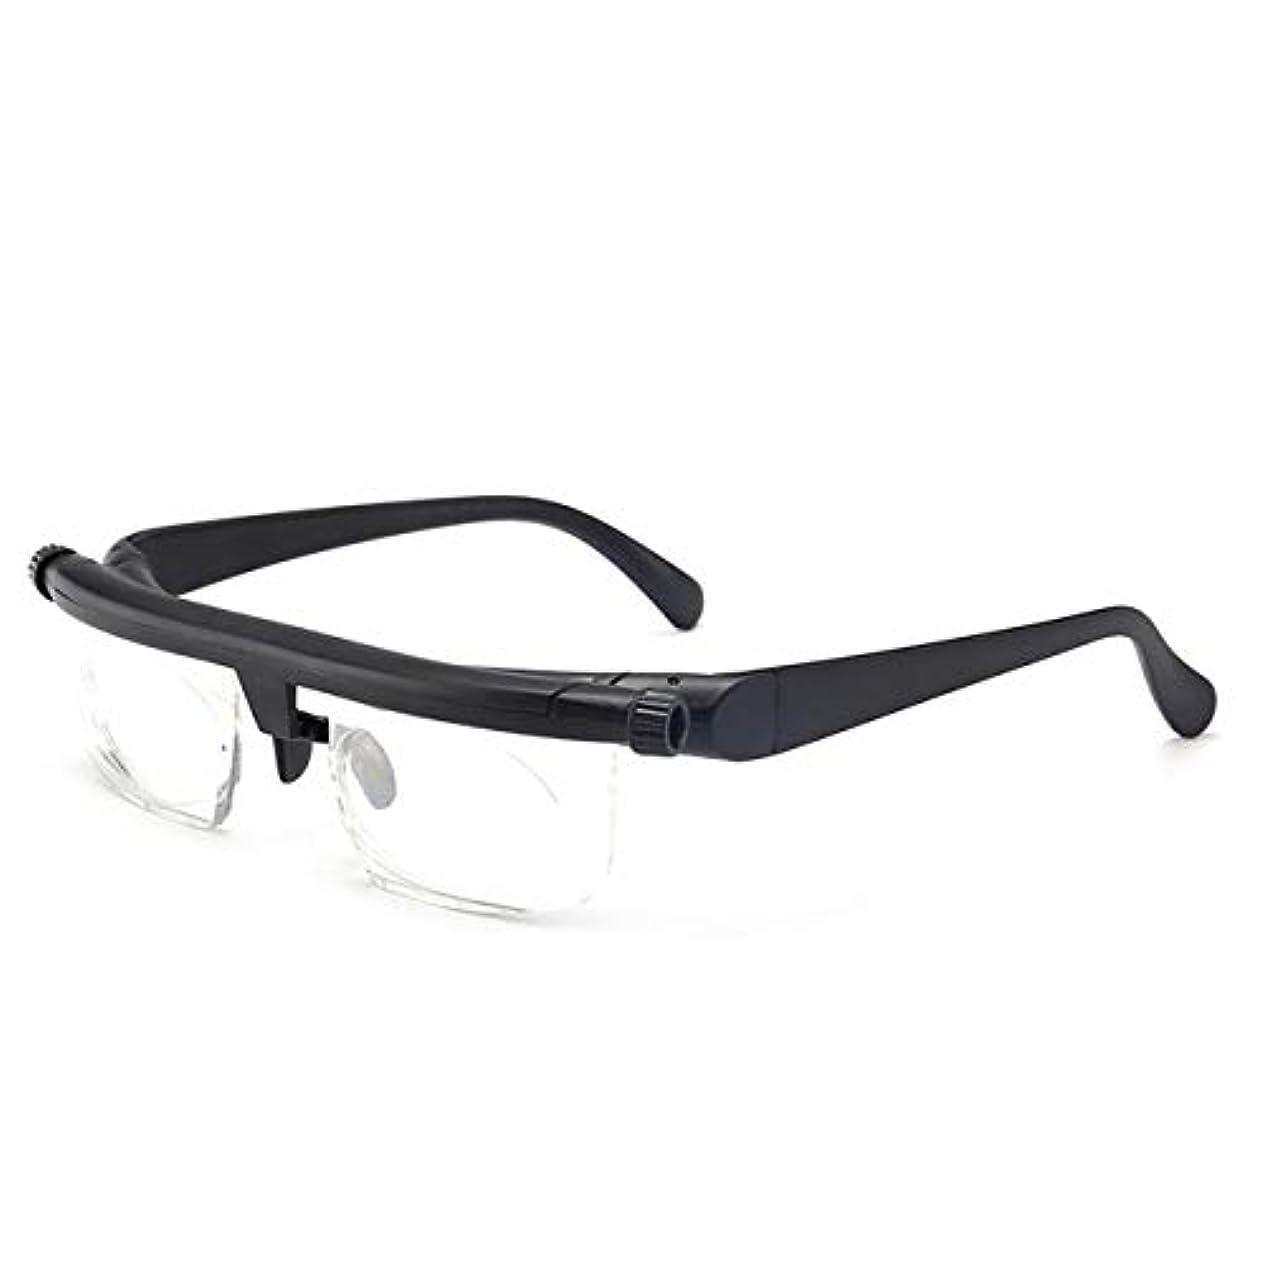 染色悲しいことに湾軽量調節可能な老眼鏡近視眼鏡-6D?+ 3Dジオプトリー可変強度フォーカスビジョンを拡大(カラー:ブラック&クリア)